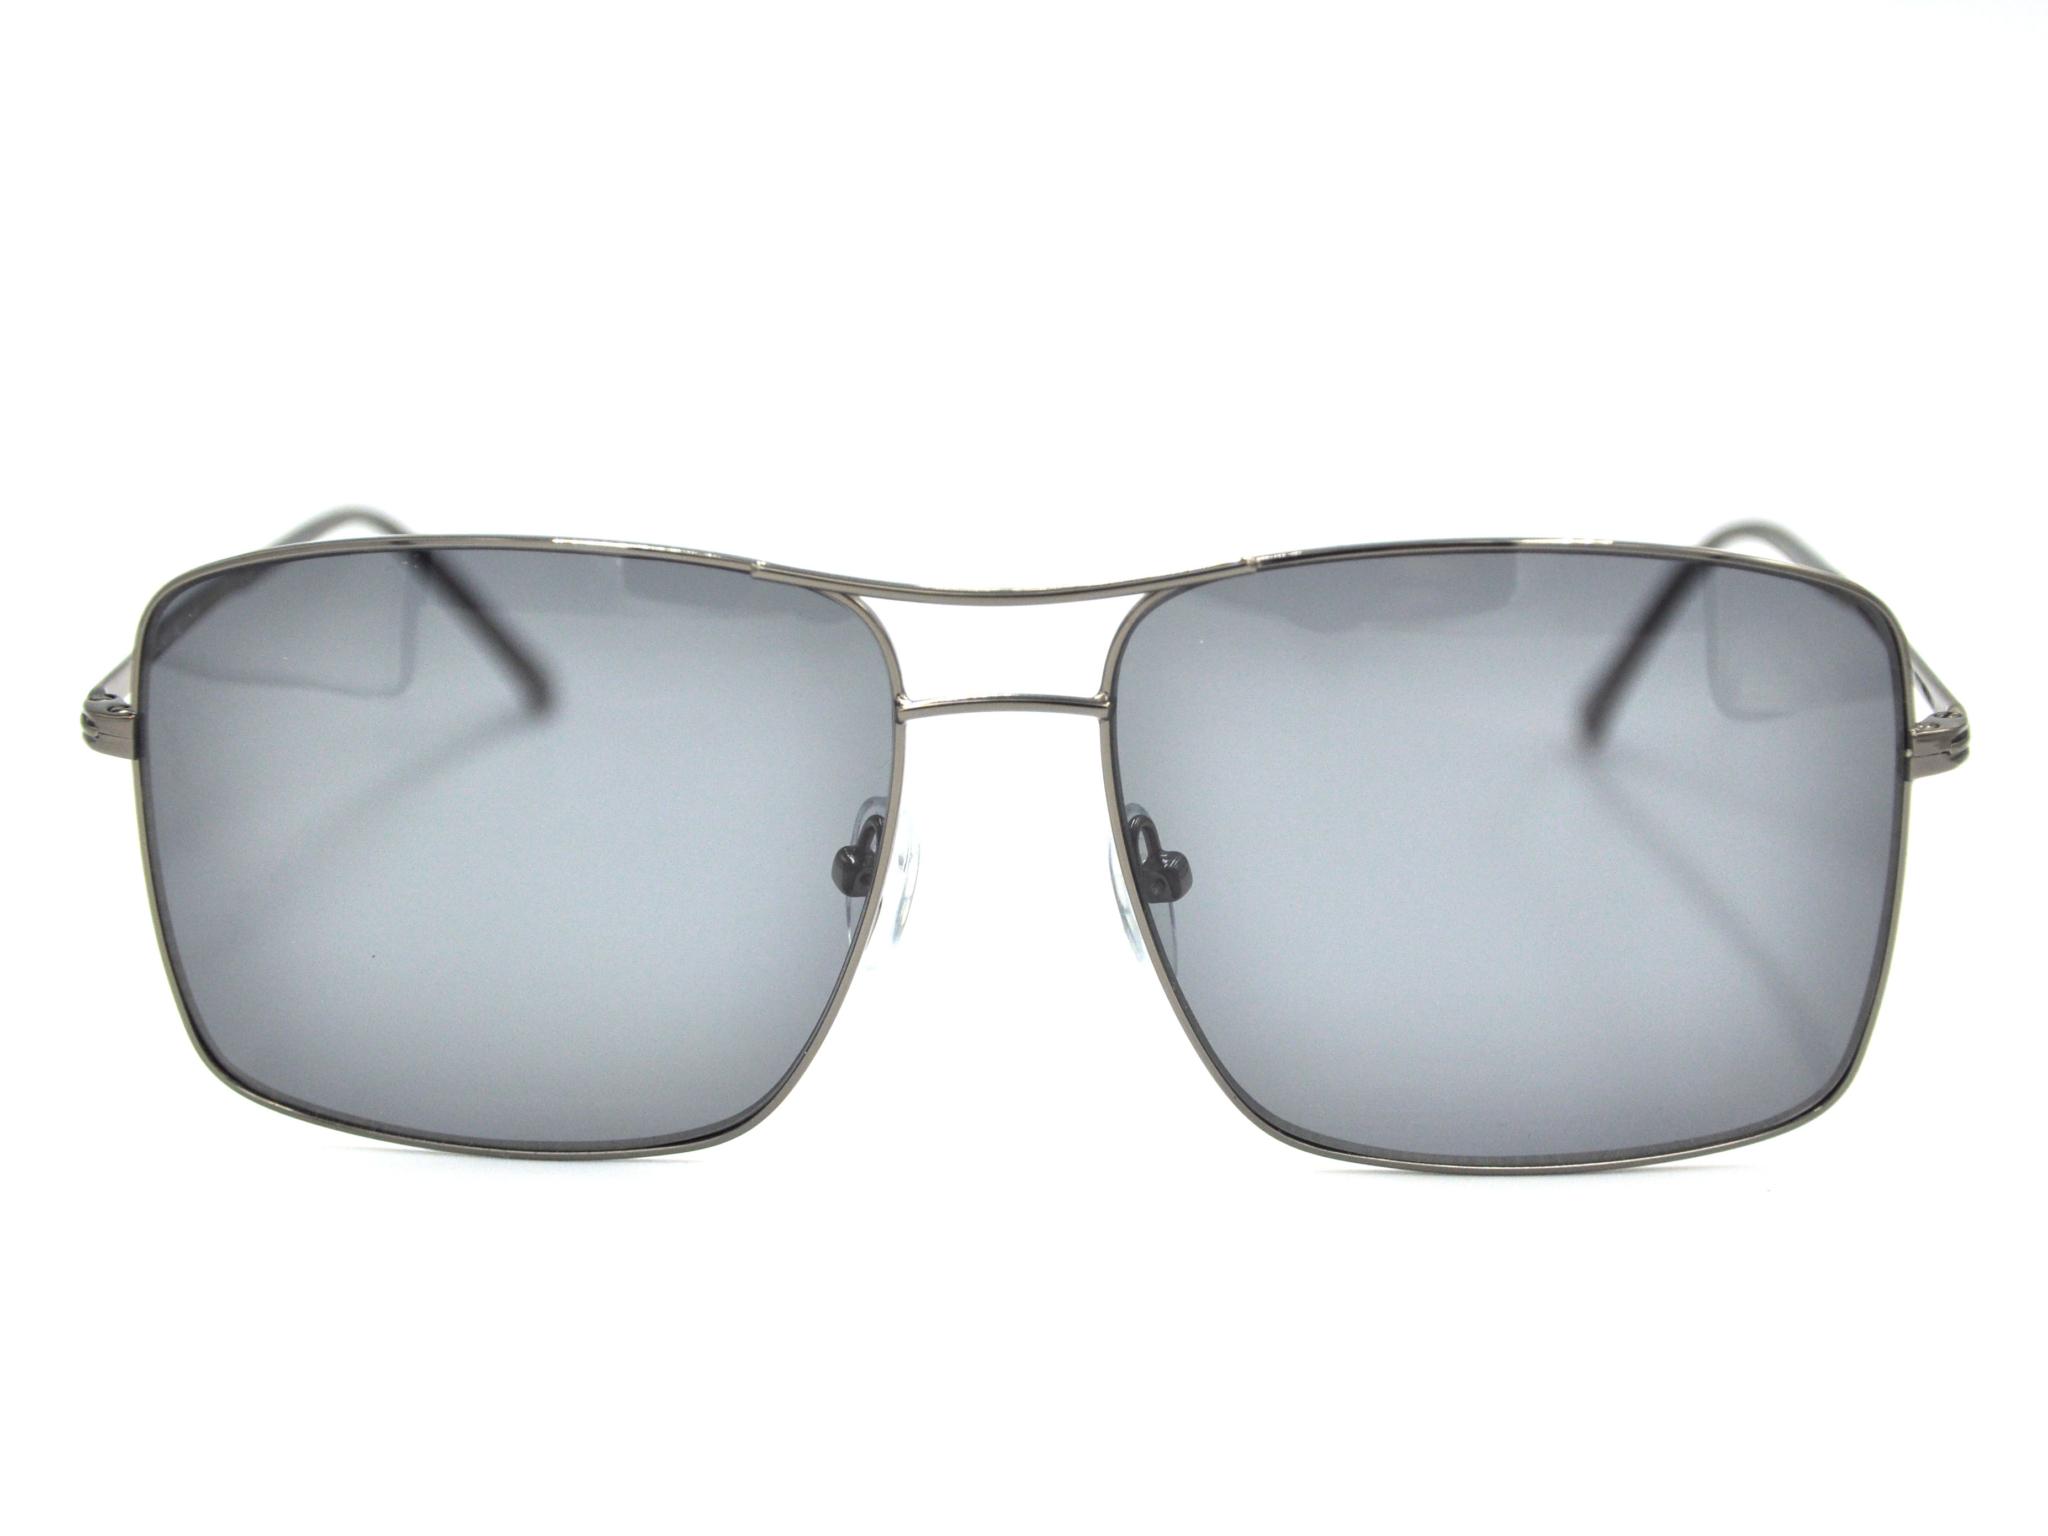 Γυαλιά ηλίου RIDLEY RD6363 RM02 Πειραιάς